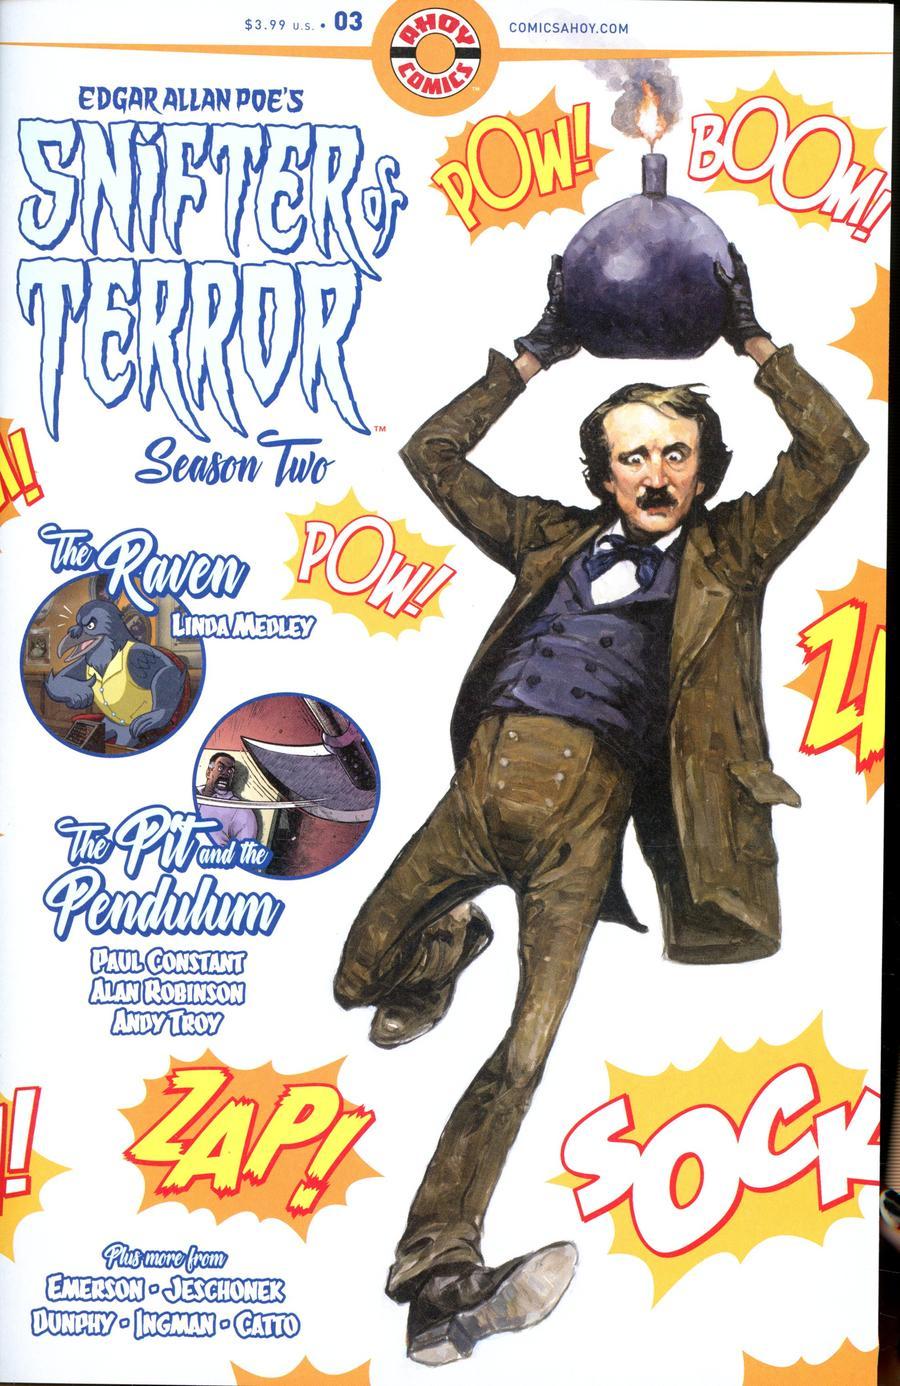 Edgar Allan Poe's Snifter Of Terror (Season 2) #3 (2019)